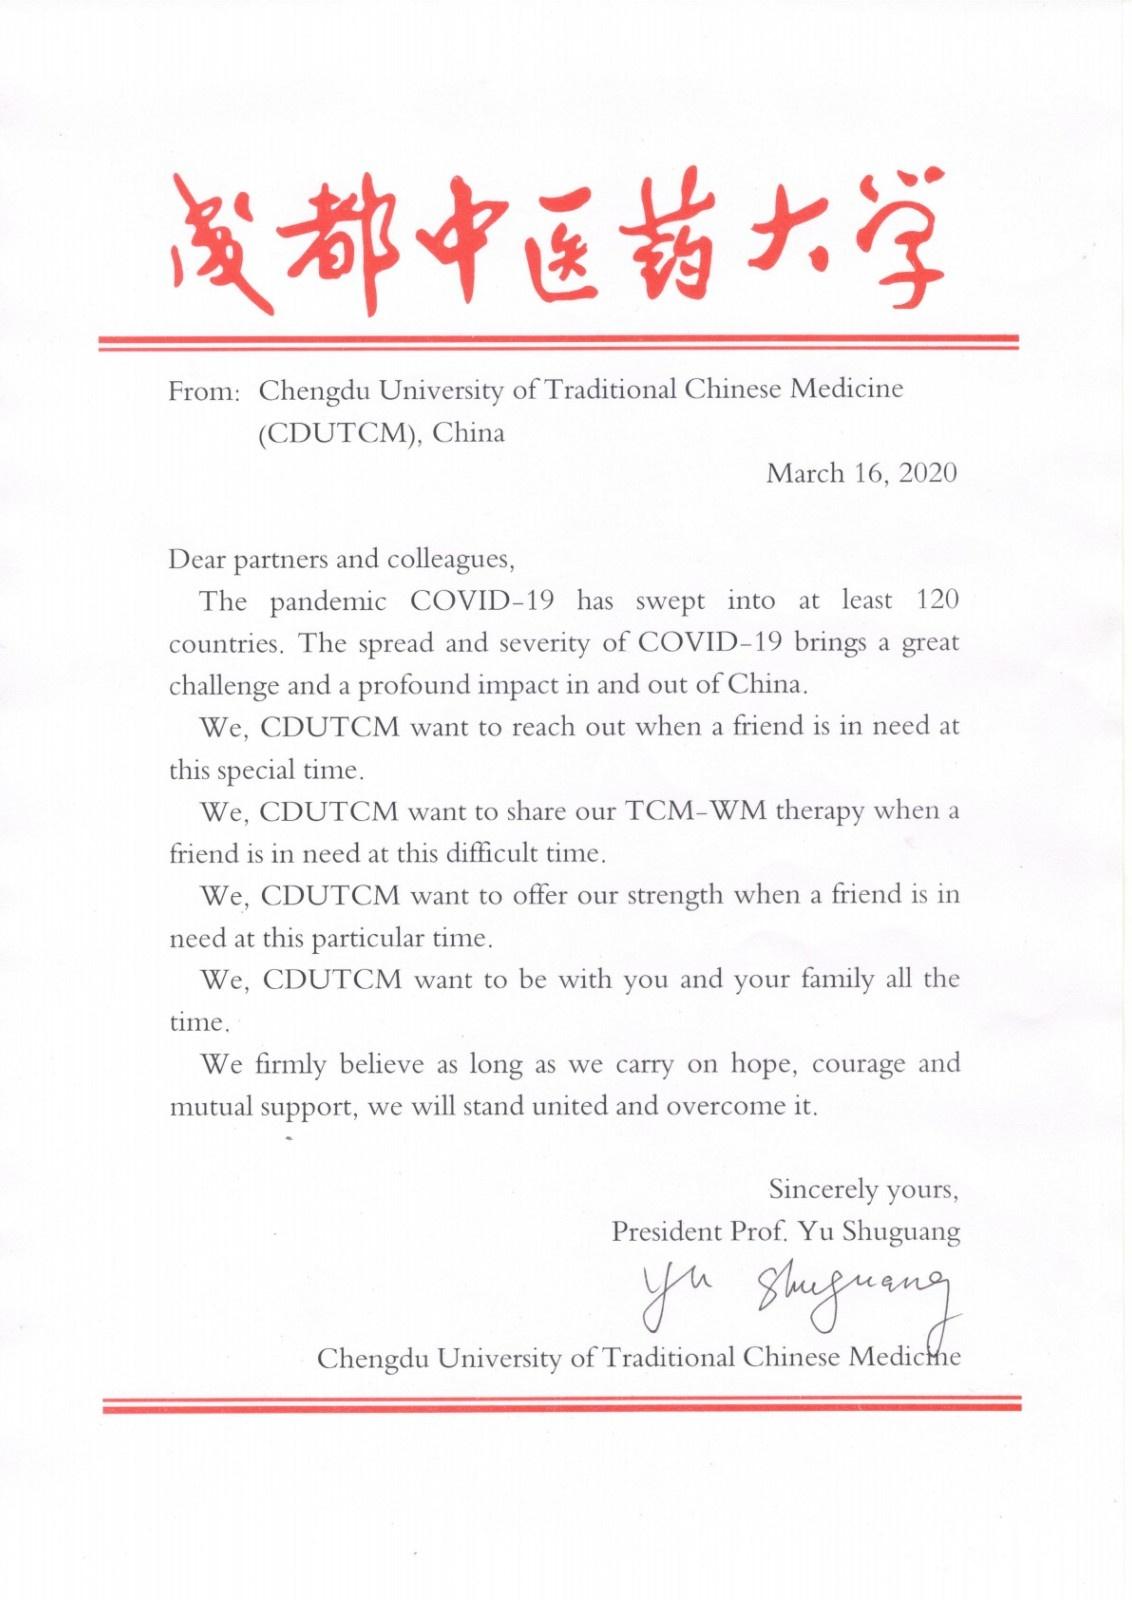 成都中医药大学信函-Letter from CDUTCM_01.jpg